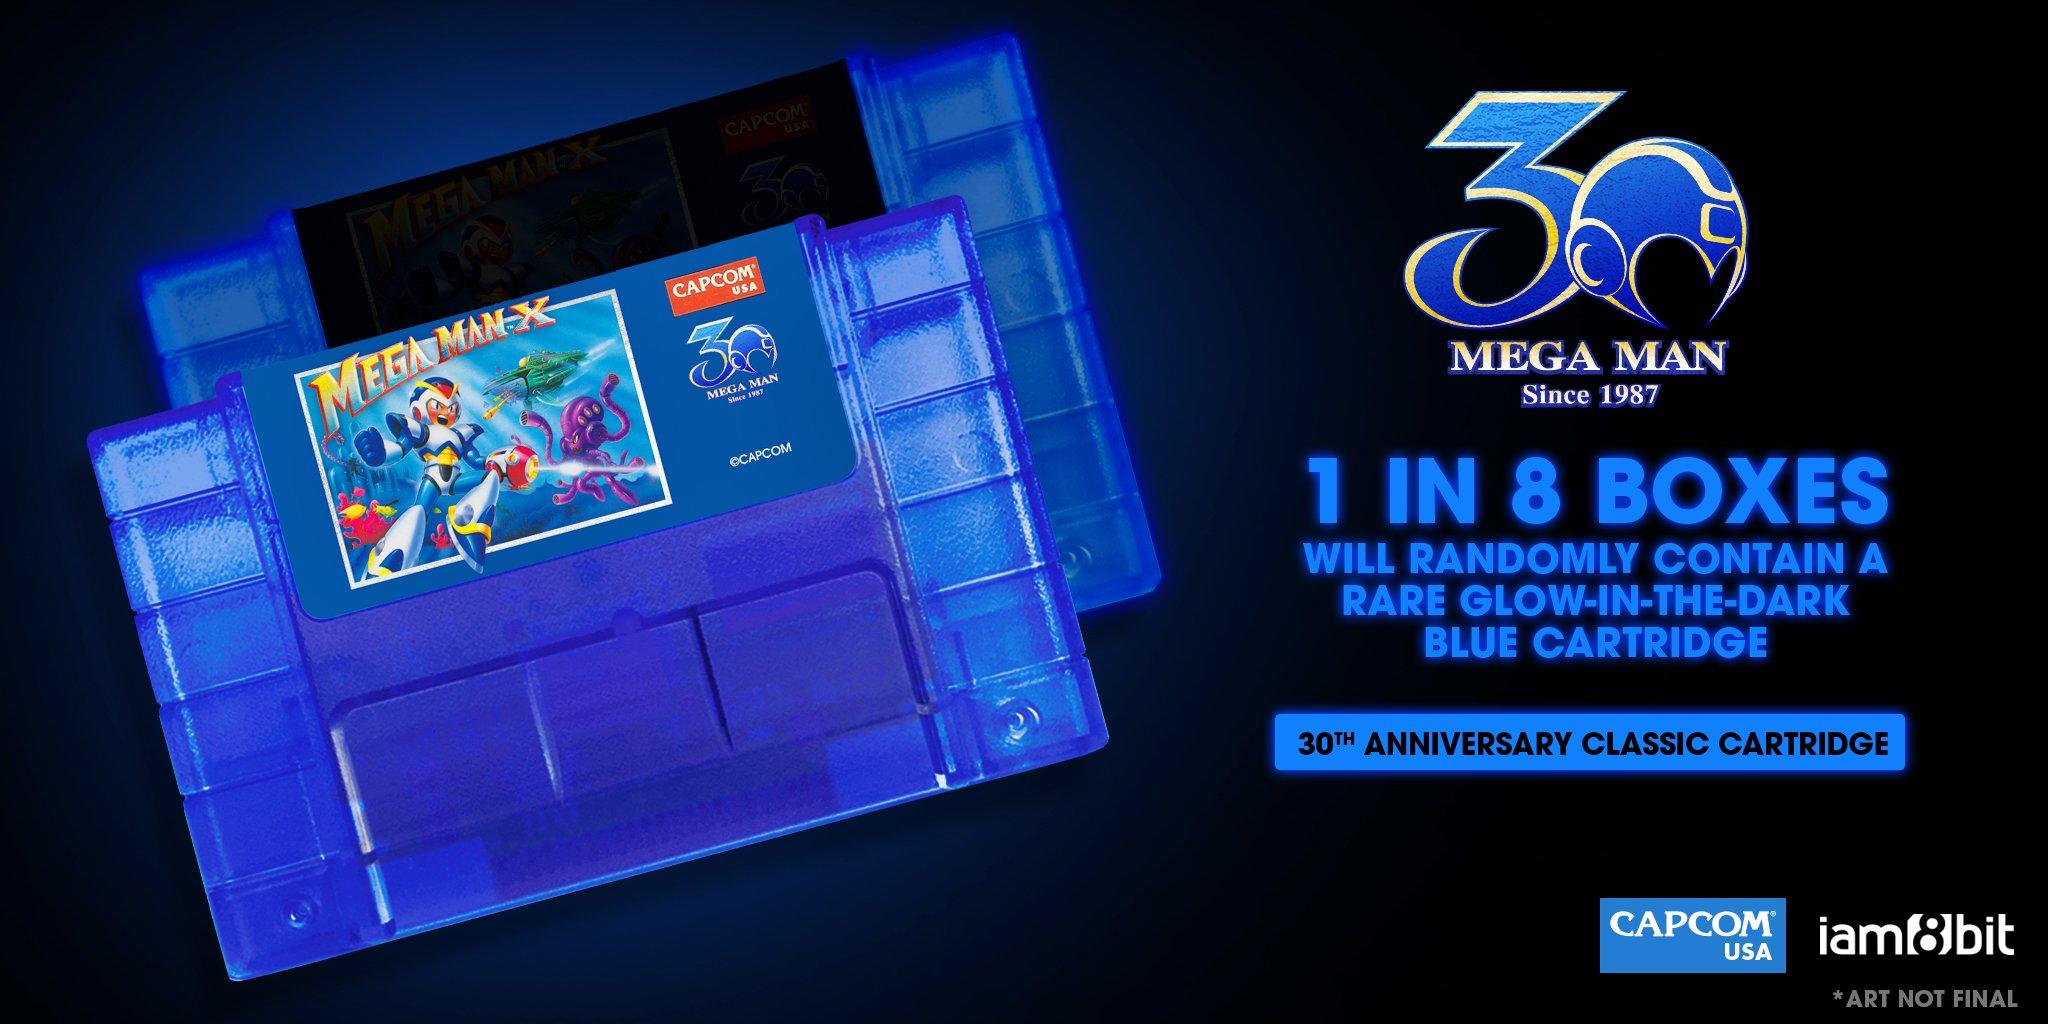 04-Mega Man 2-30th Anniversary Classic Cartridge d7d7337d-7558-4cb0-b847-a9f4f11daceb